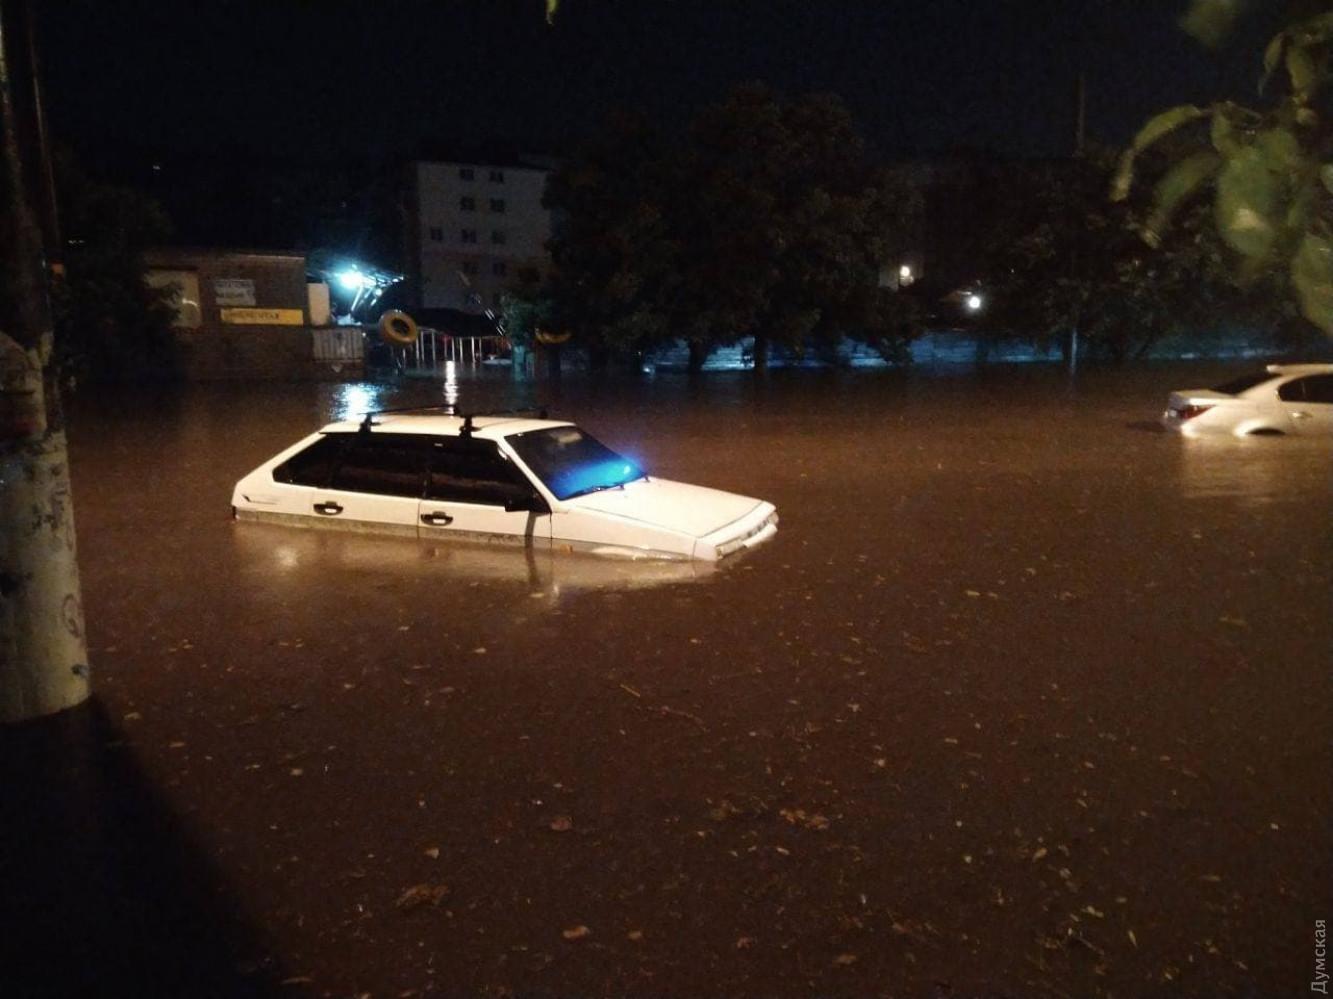 Поплыла из-за дождя: как Одесса справилась с мощнейшей непогодой (ФОТО, ВИДЕО) - фото 9